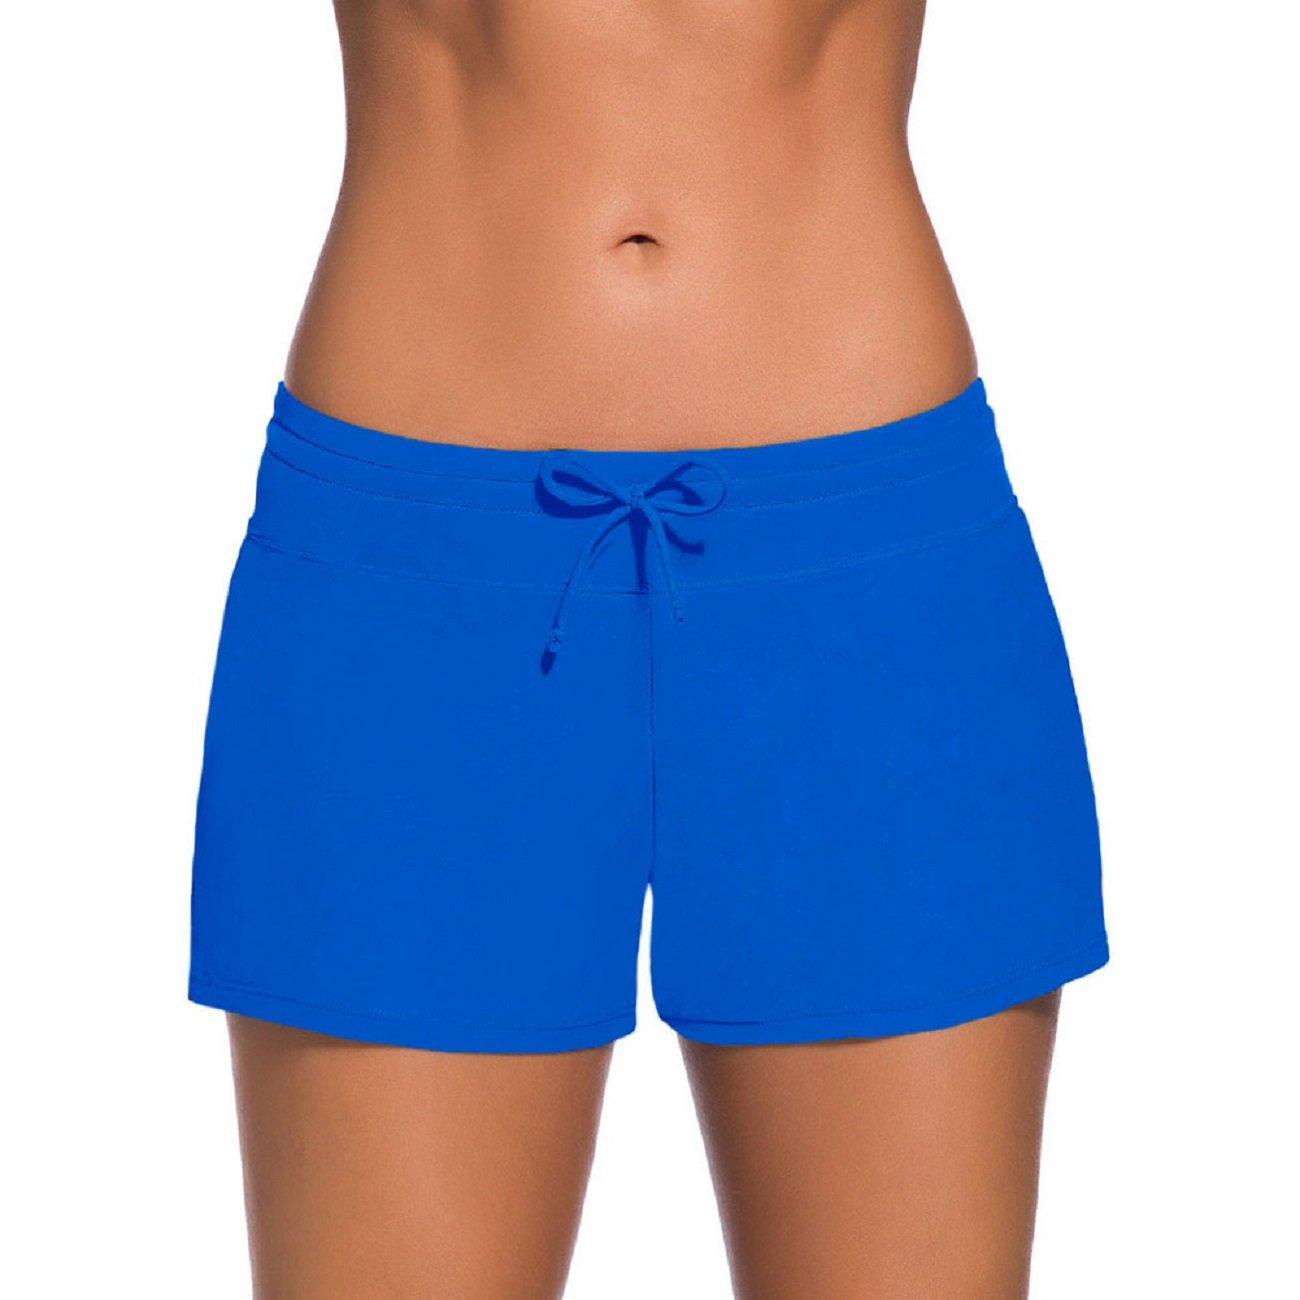 PROMLINK Women's Side Slit Tankini Swimsuit Bottom Beach Board Shorts